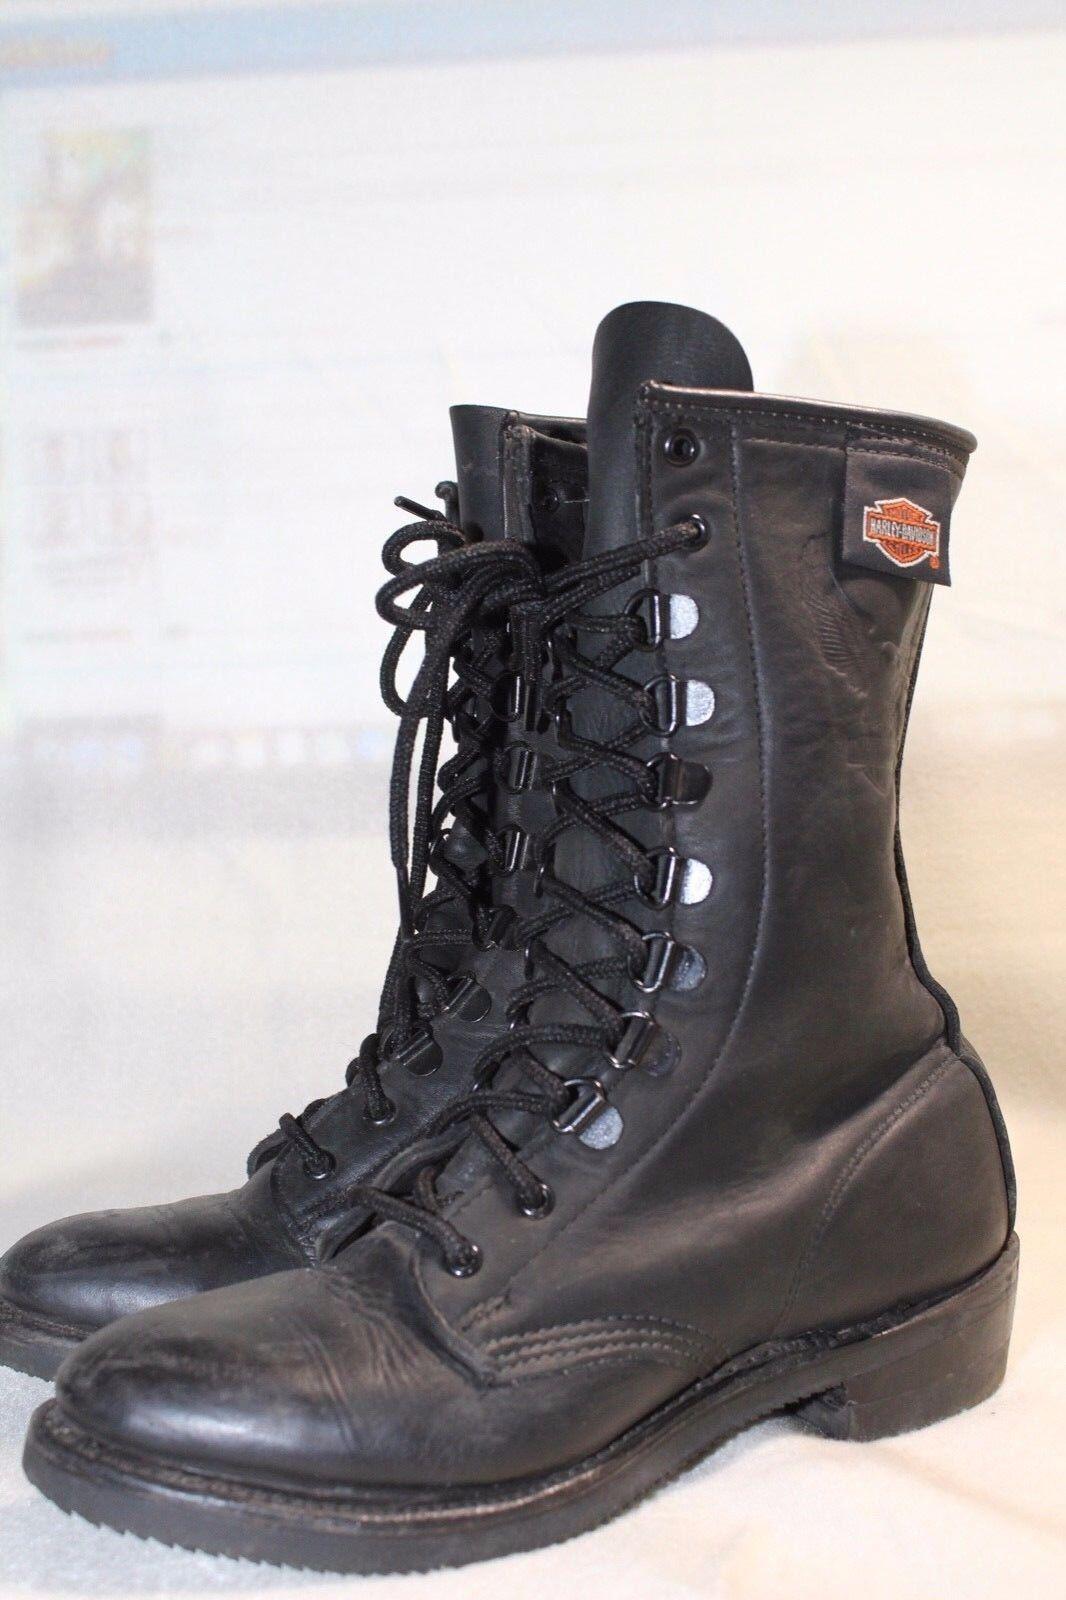 Harley Davidson Stiefel Stiefel  WinterStiefel Damen Leder Gr.38 passt auf Gr. 37